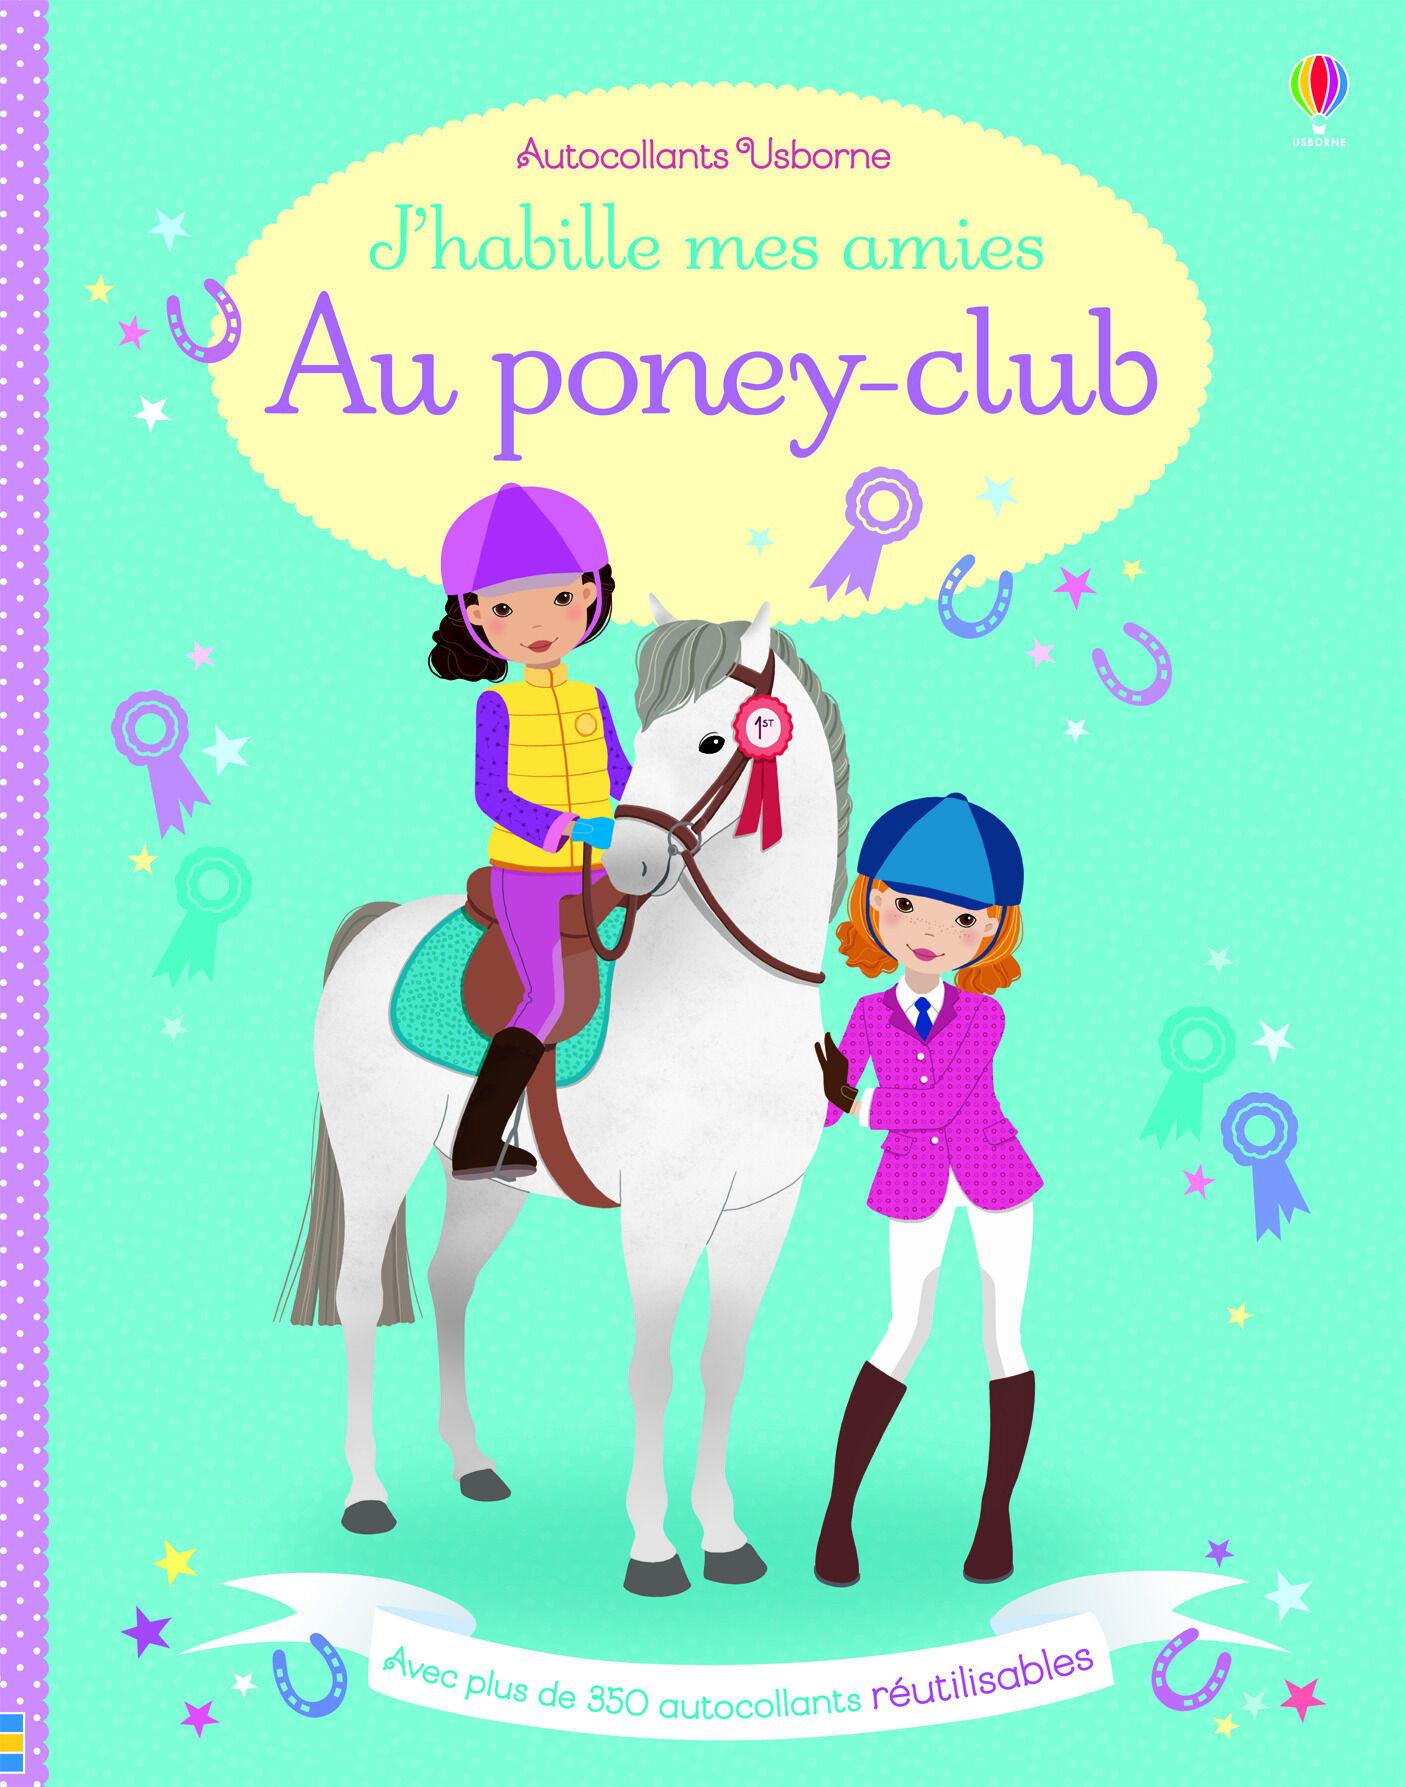 J'habille mes amies au poney-club - autocollants